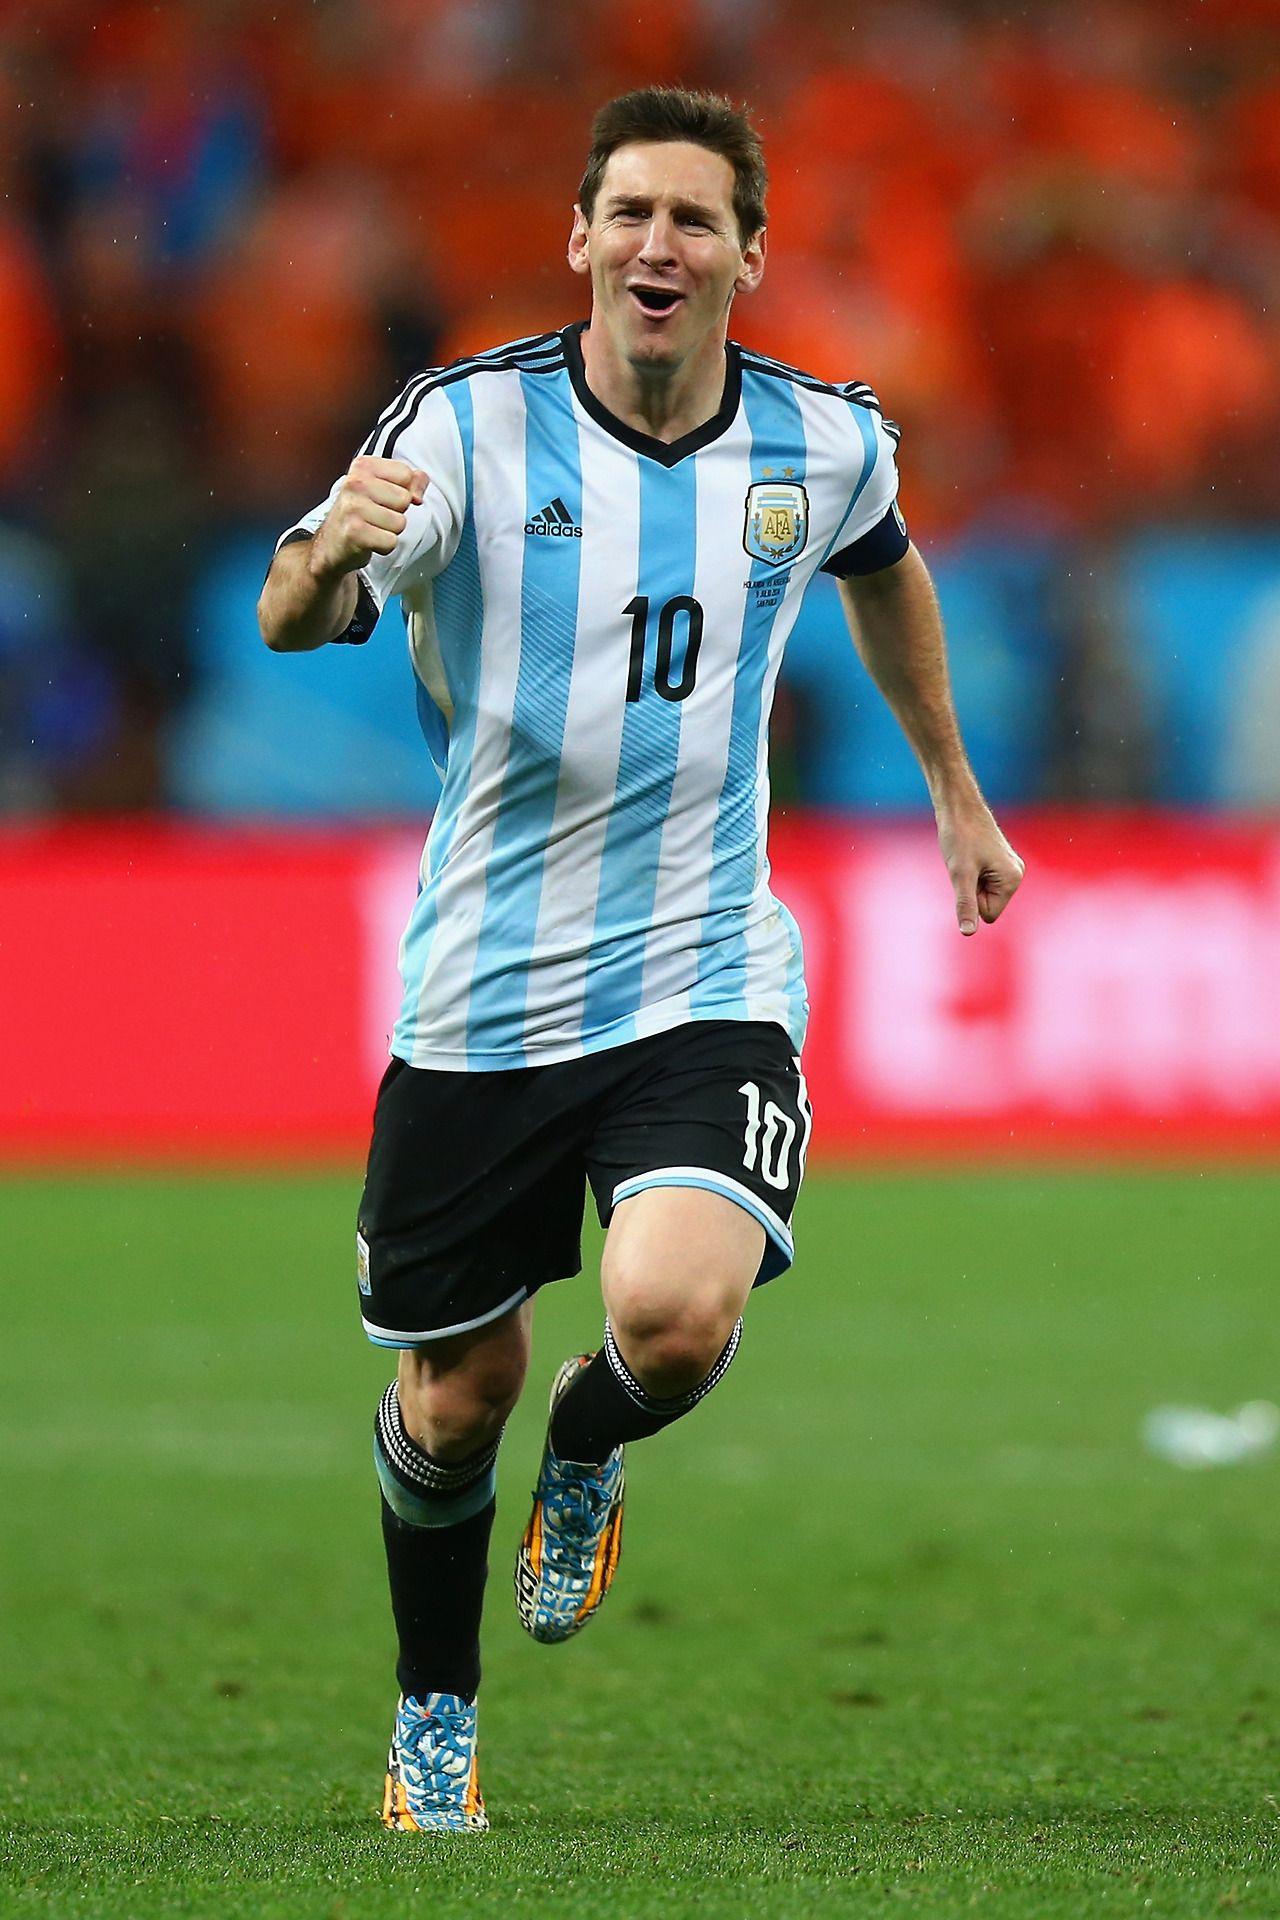 Argentina Vs Netherlands July 9 2014 Wc2014 Worldcup Worldcup2014 Messi Team Lionel Messi Messi Argentina